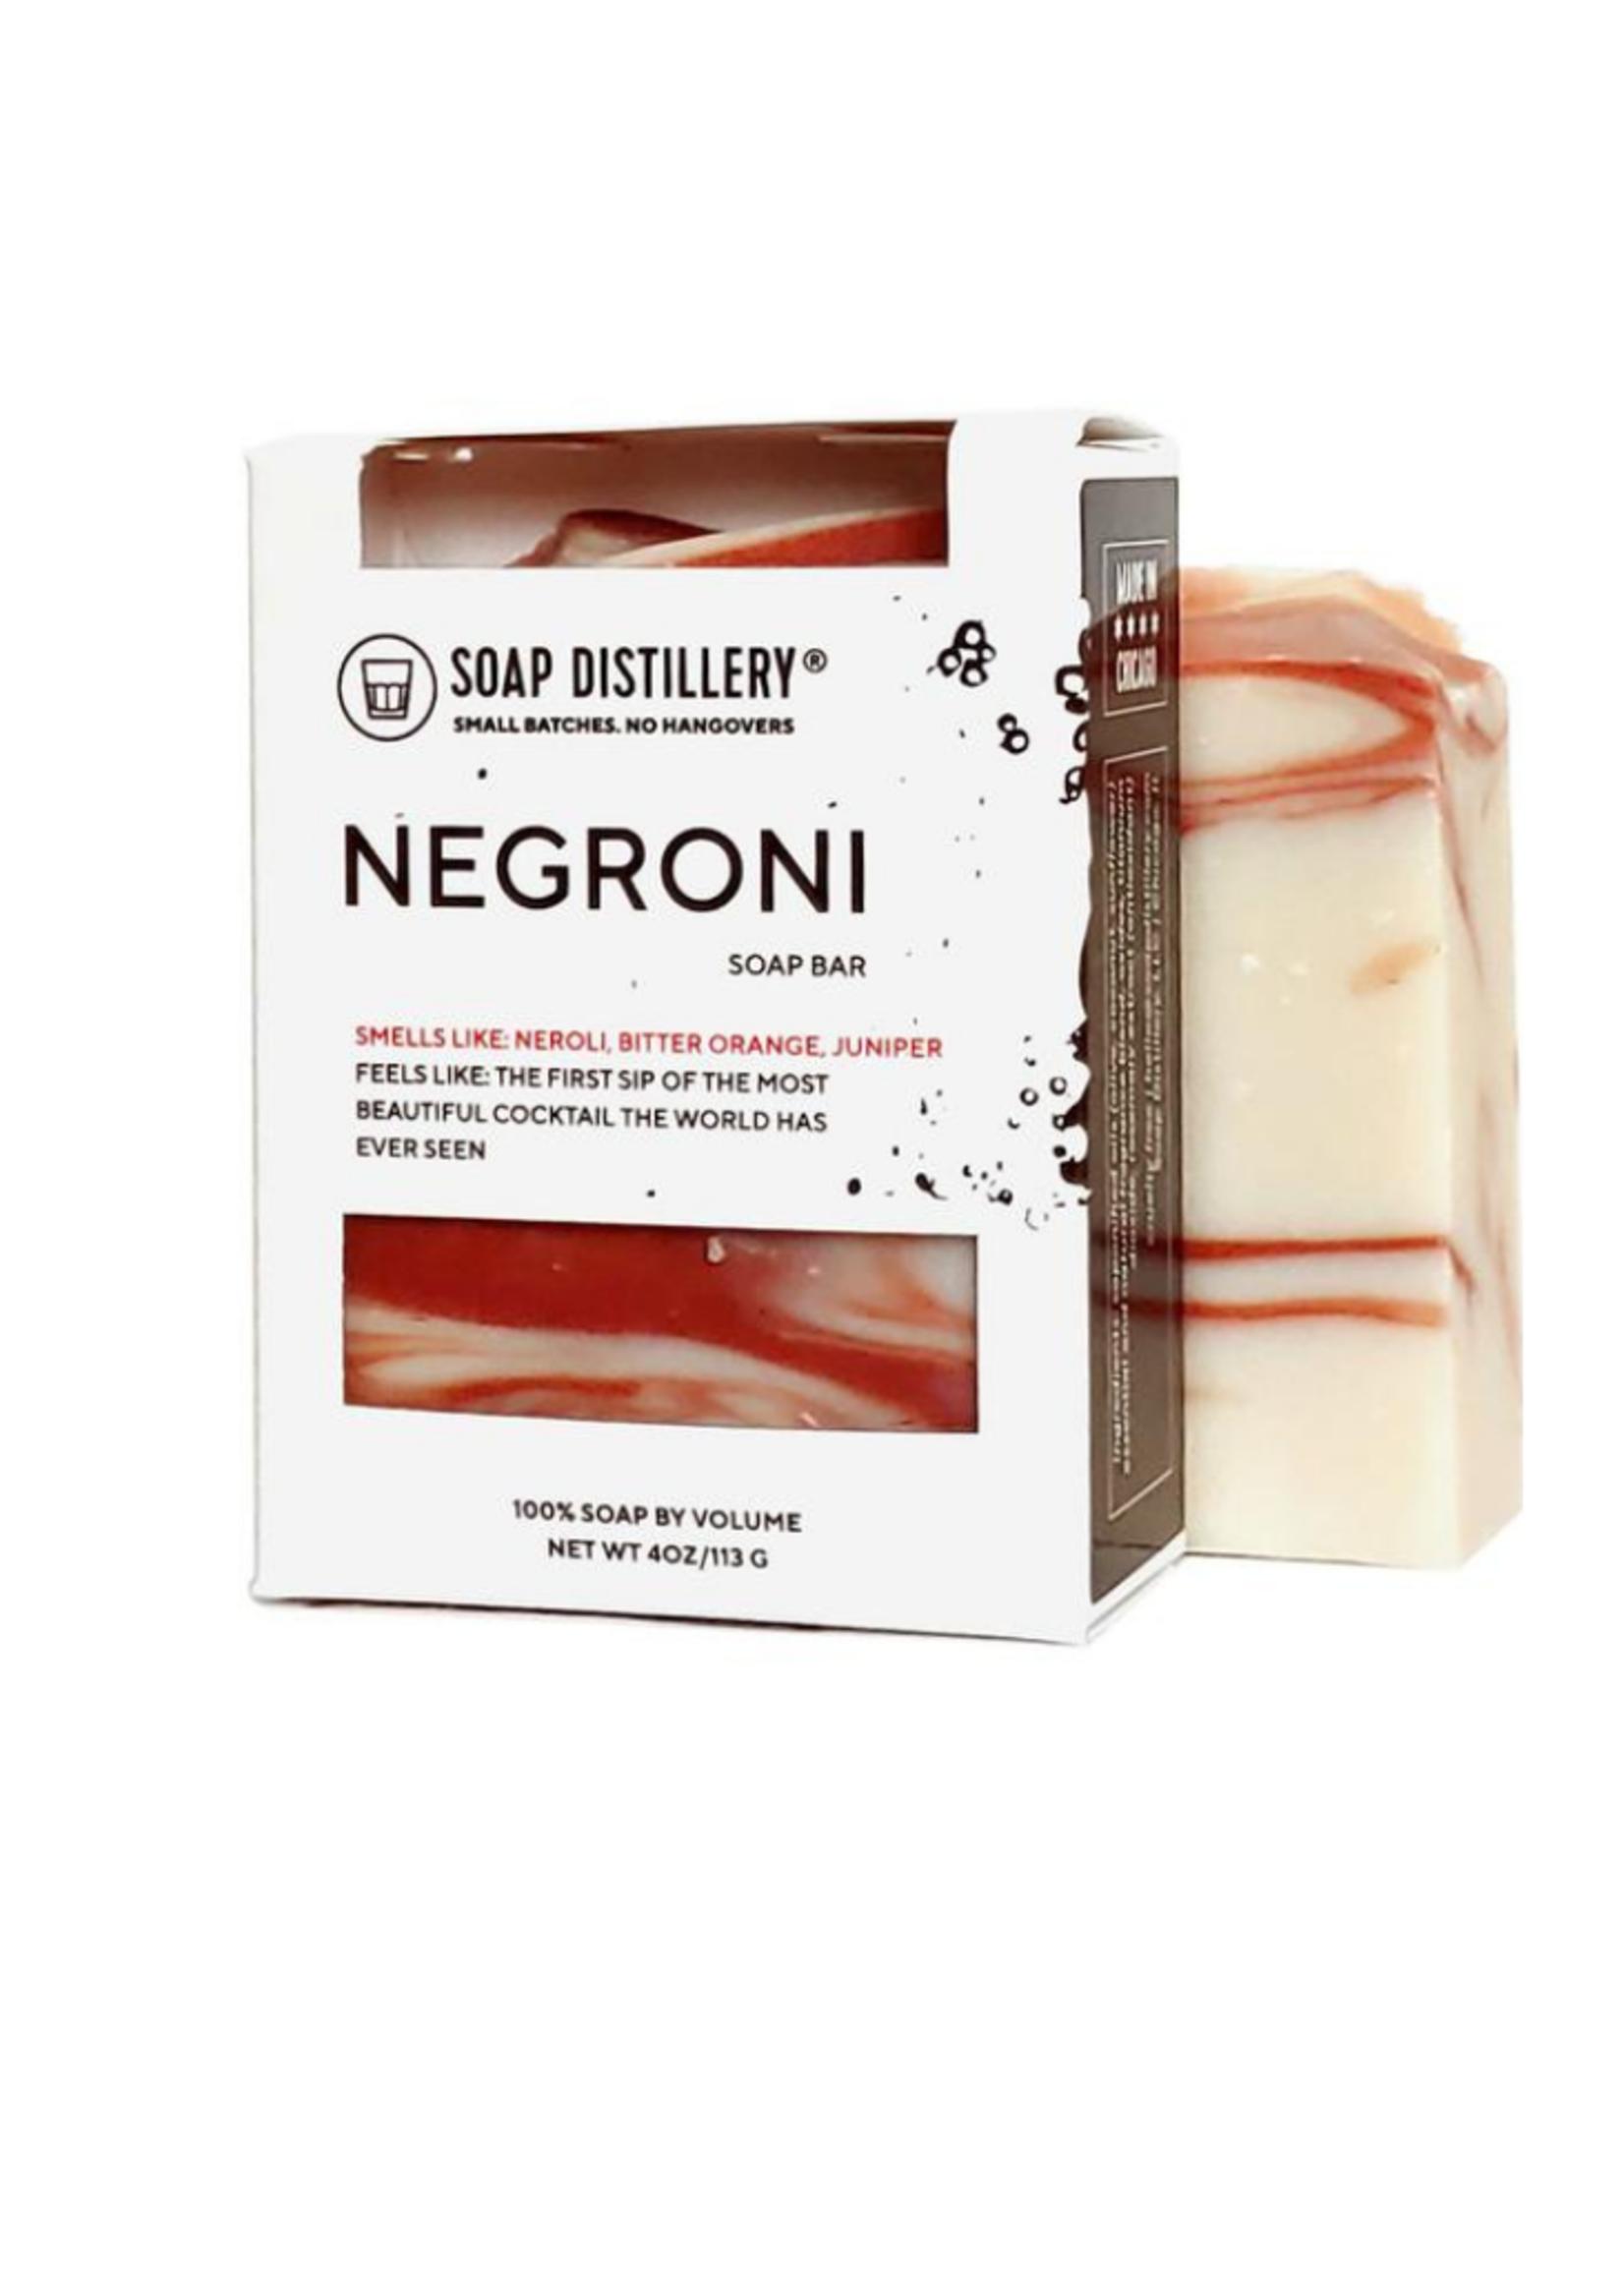 Negroni Soap Bar